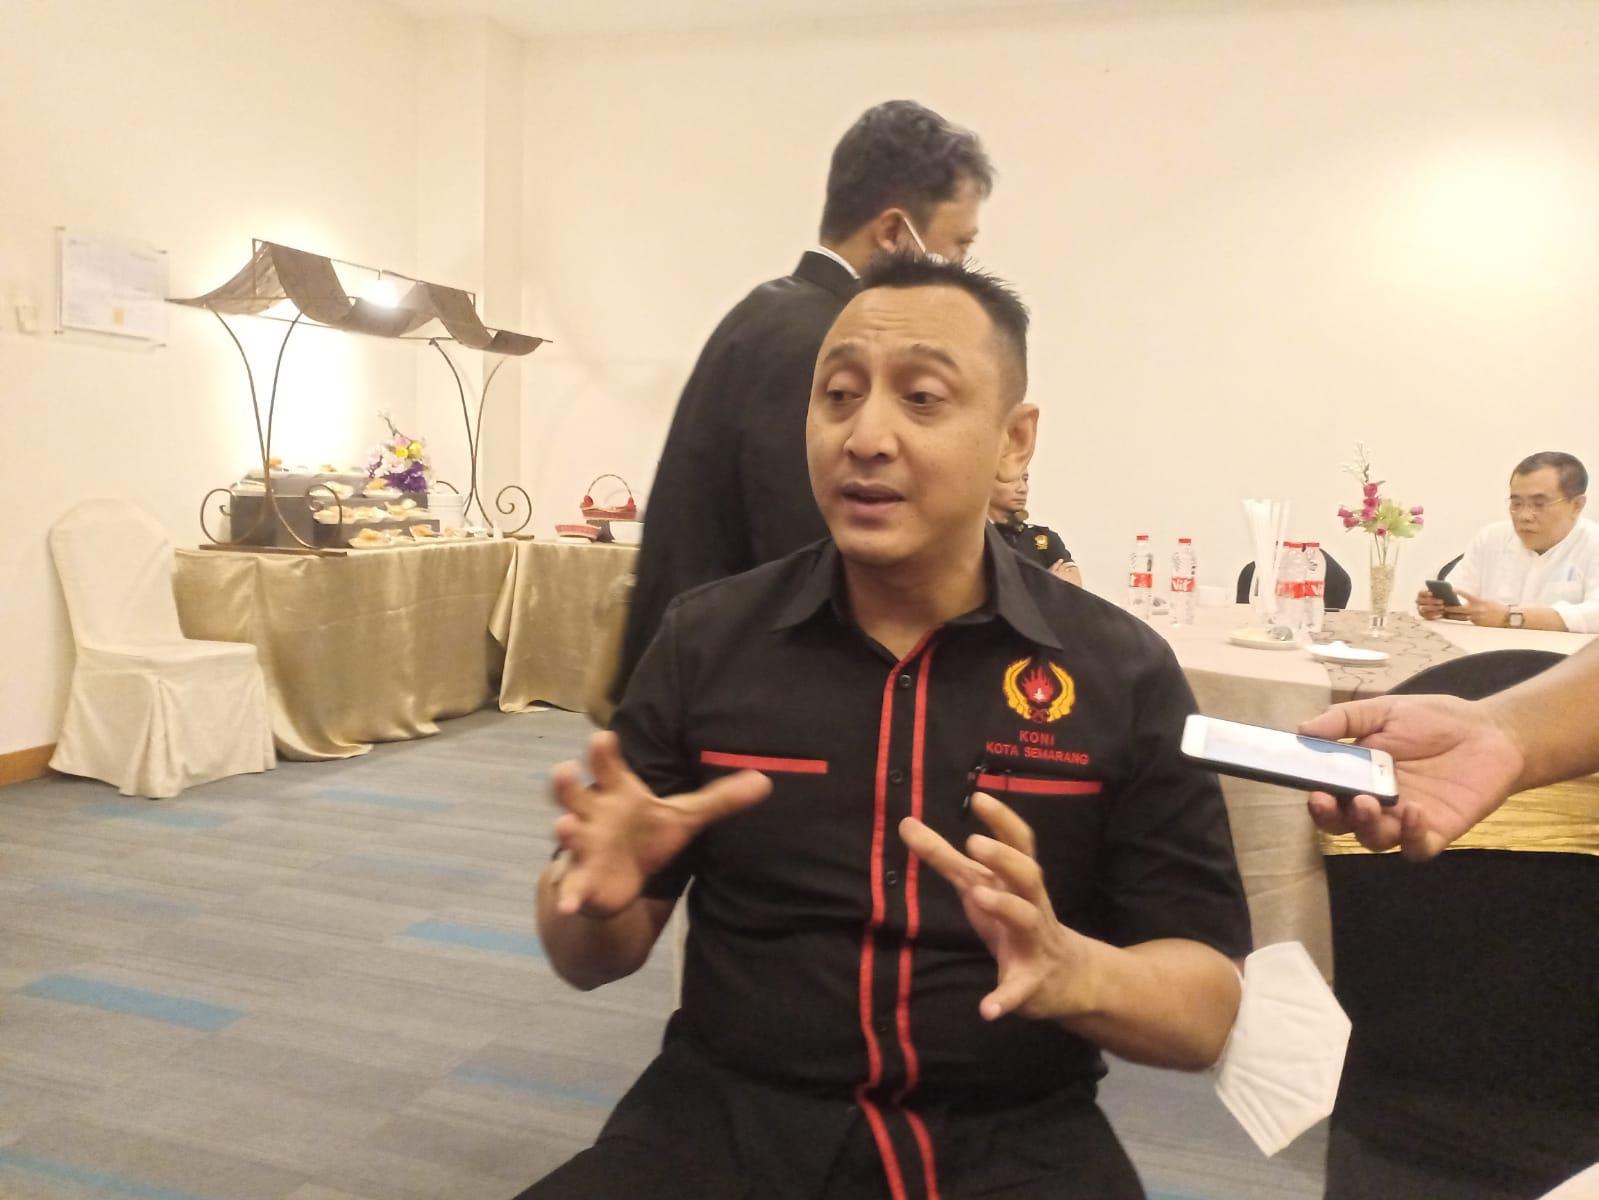 Ketua Umum dan Wakil Ketua Umum KONI Semarang, saat kegiatan perkenalan KONI dengan para pengusaha. Foto: Rezanda Akbar D/Lingkar.co